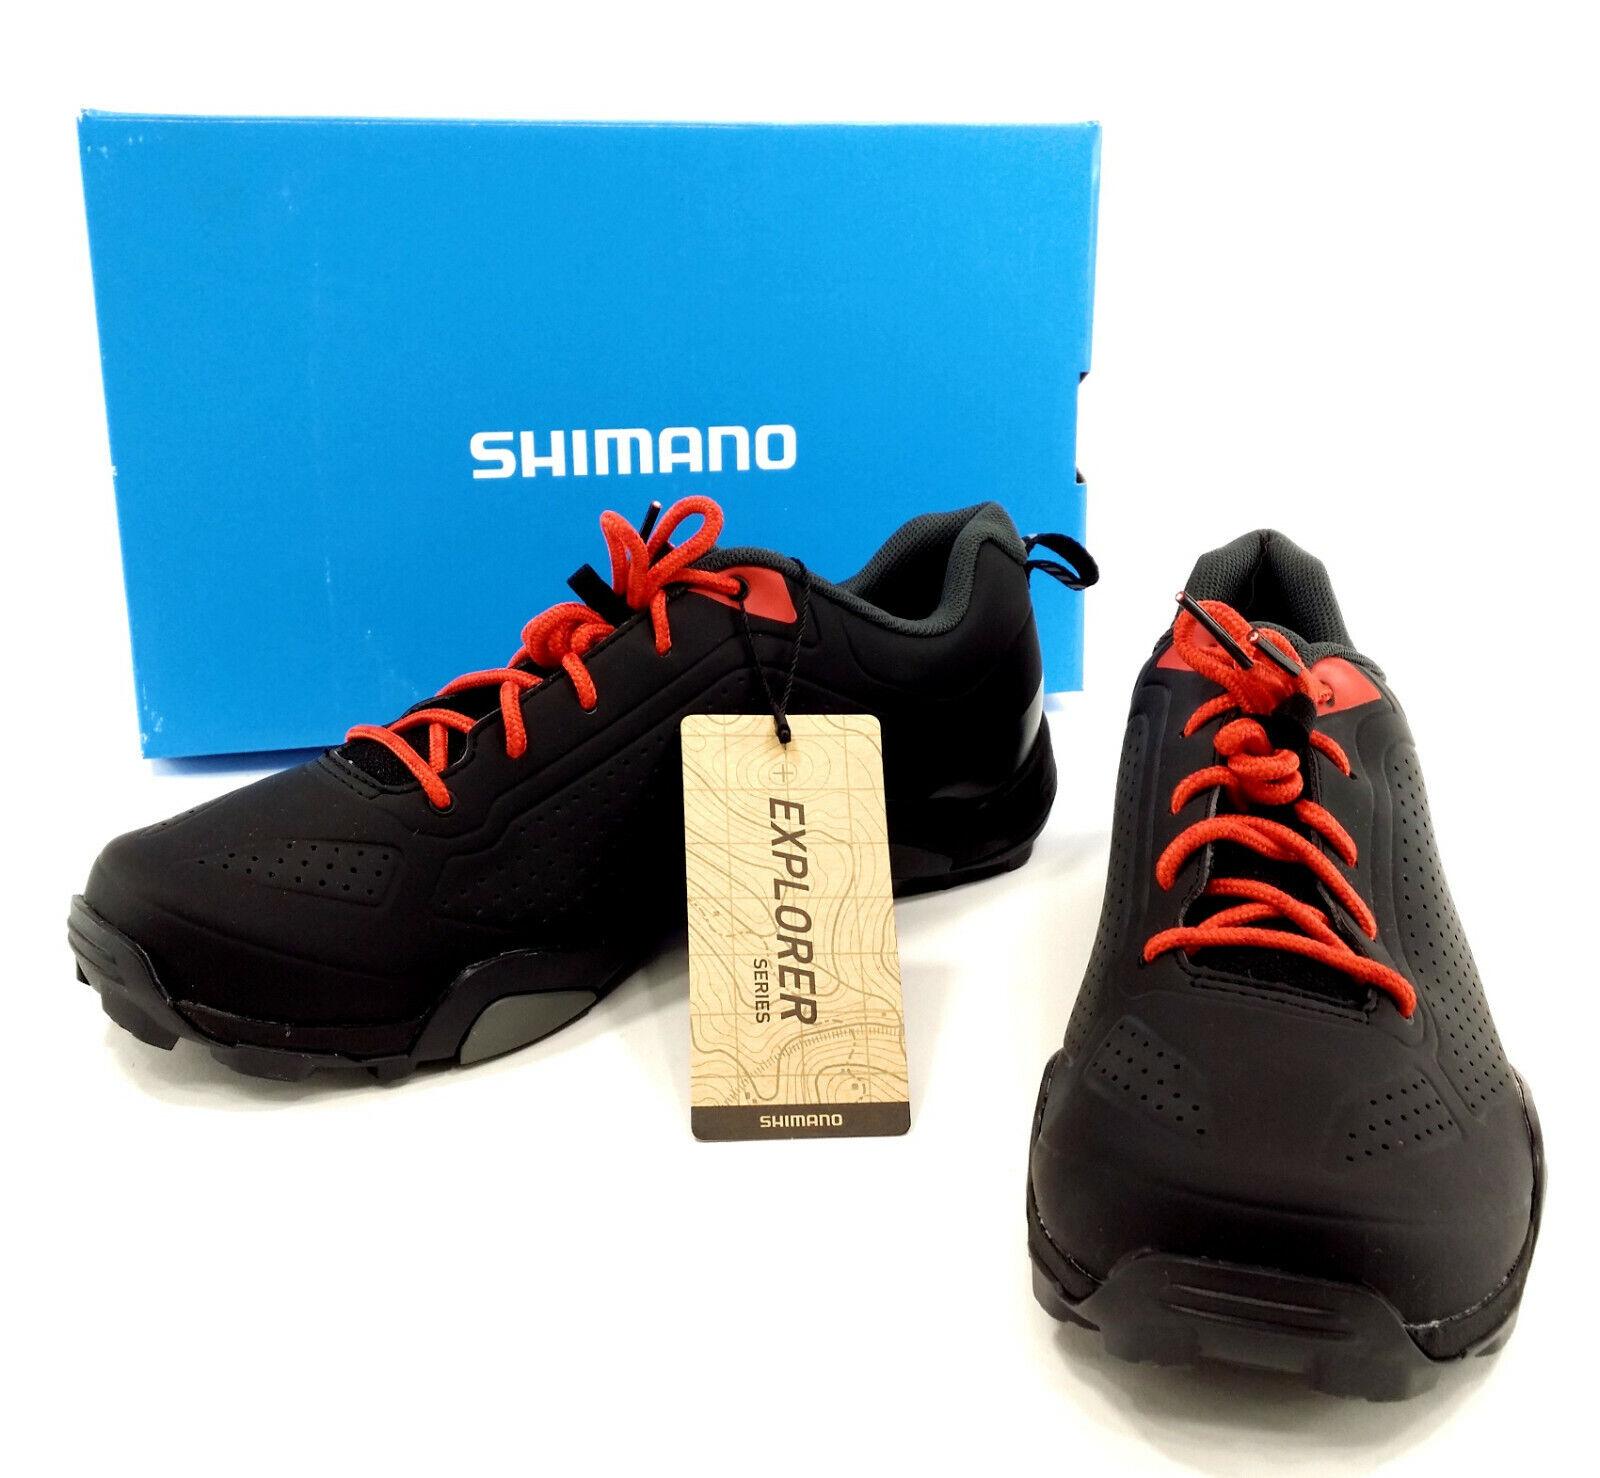 Shimano SH-MT3 Mountain Bike shoes, Red - Men's US 6.7,